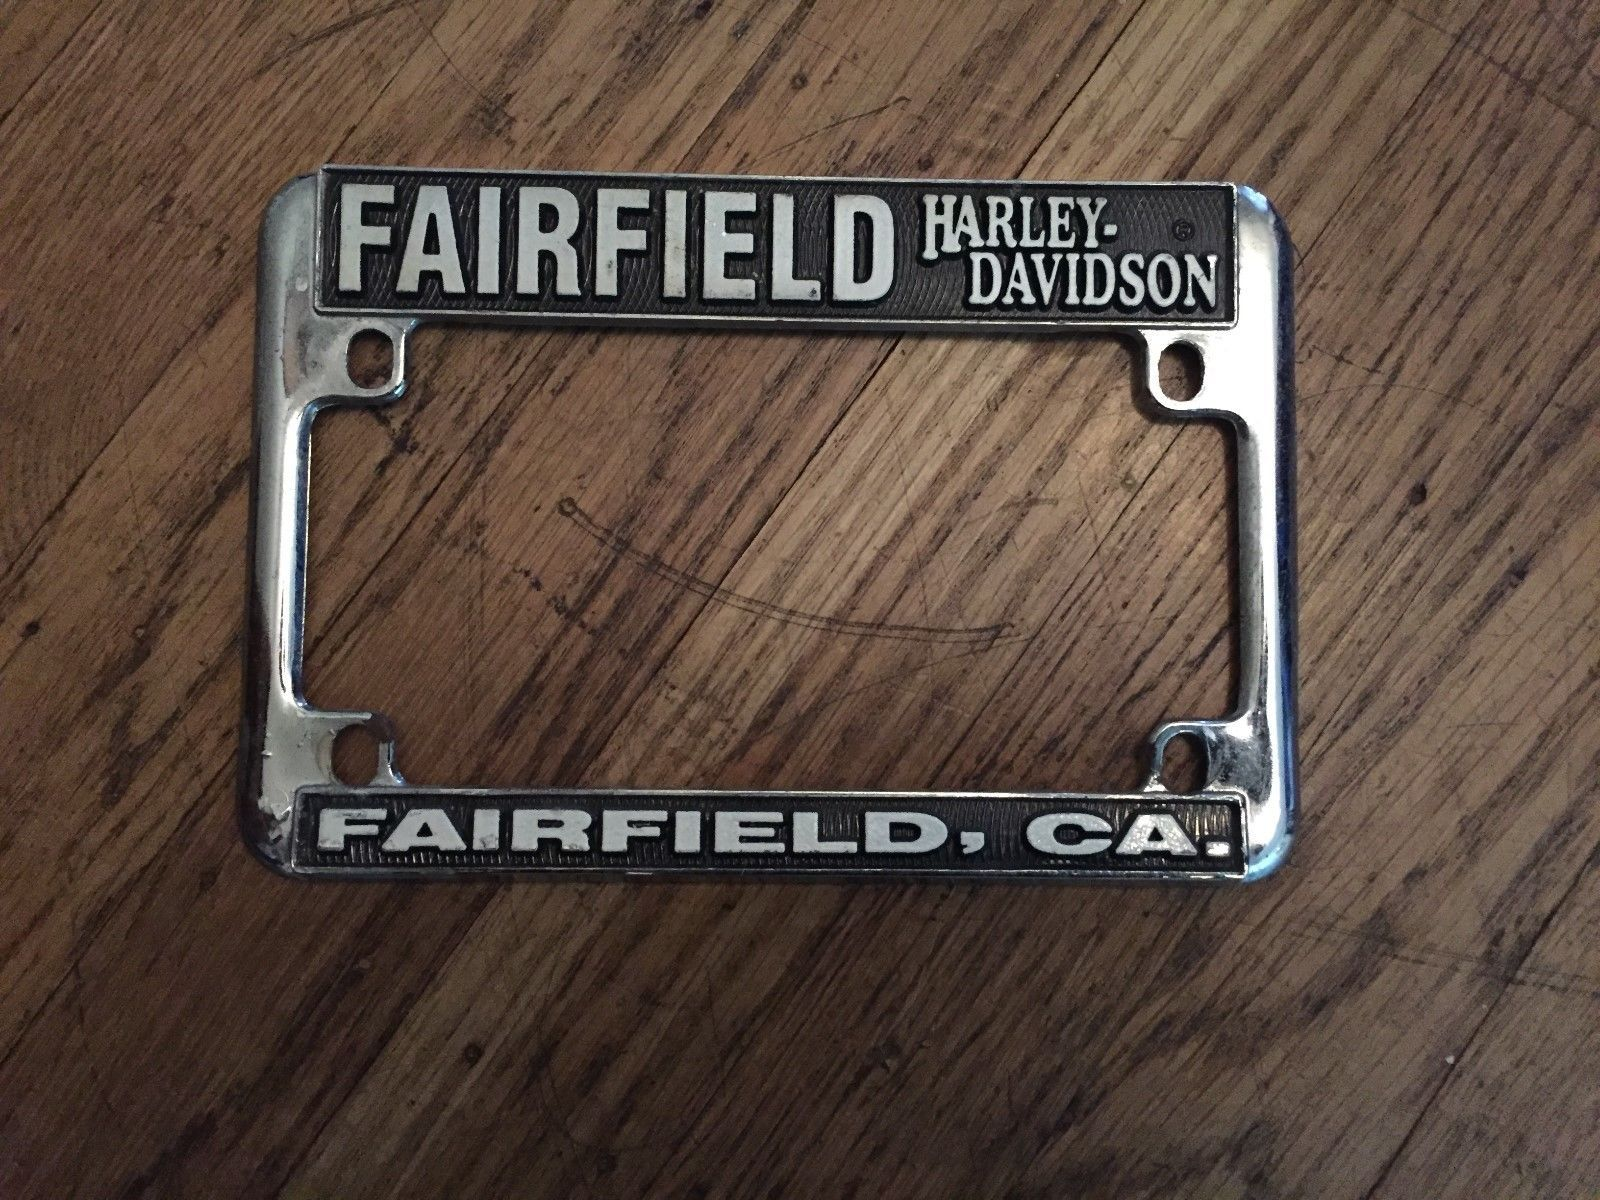 harley fairfield california harley davidson motorcycle license plate frame please retweet - Harley Davidson License Plate Frame For Motorcycle